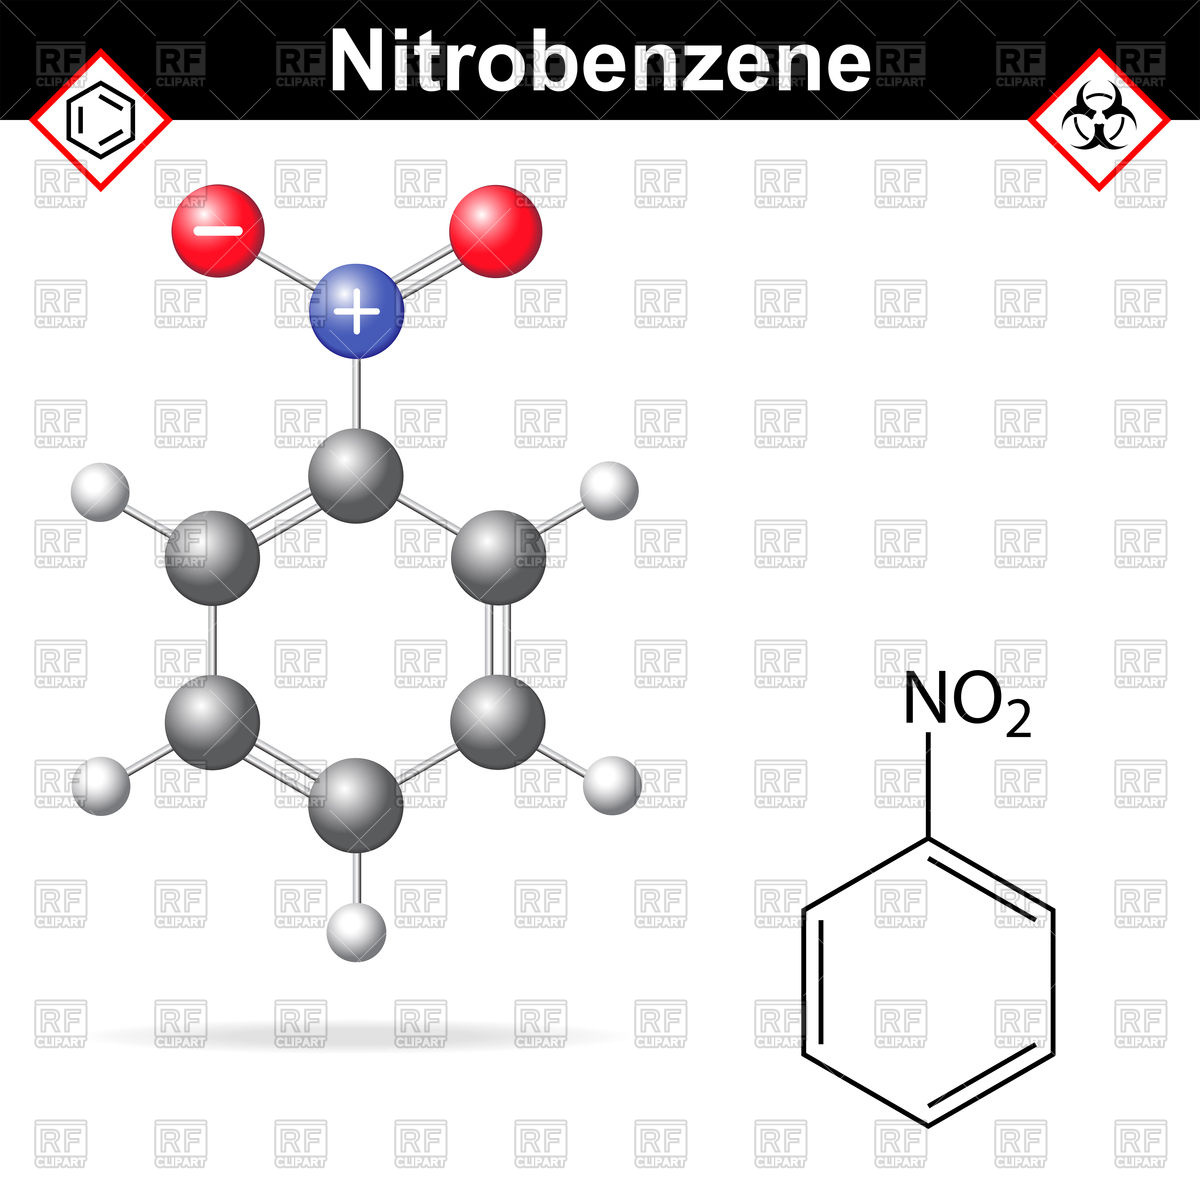 1200x1200 Nitrobenzene